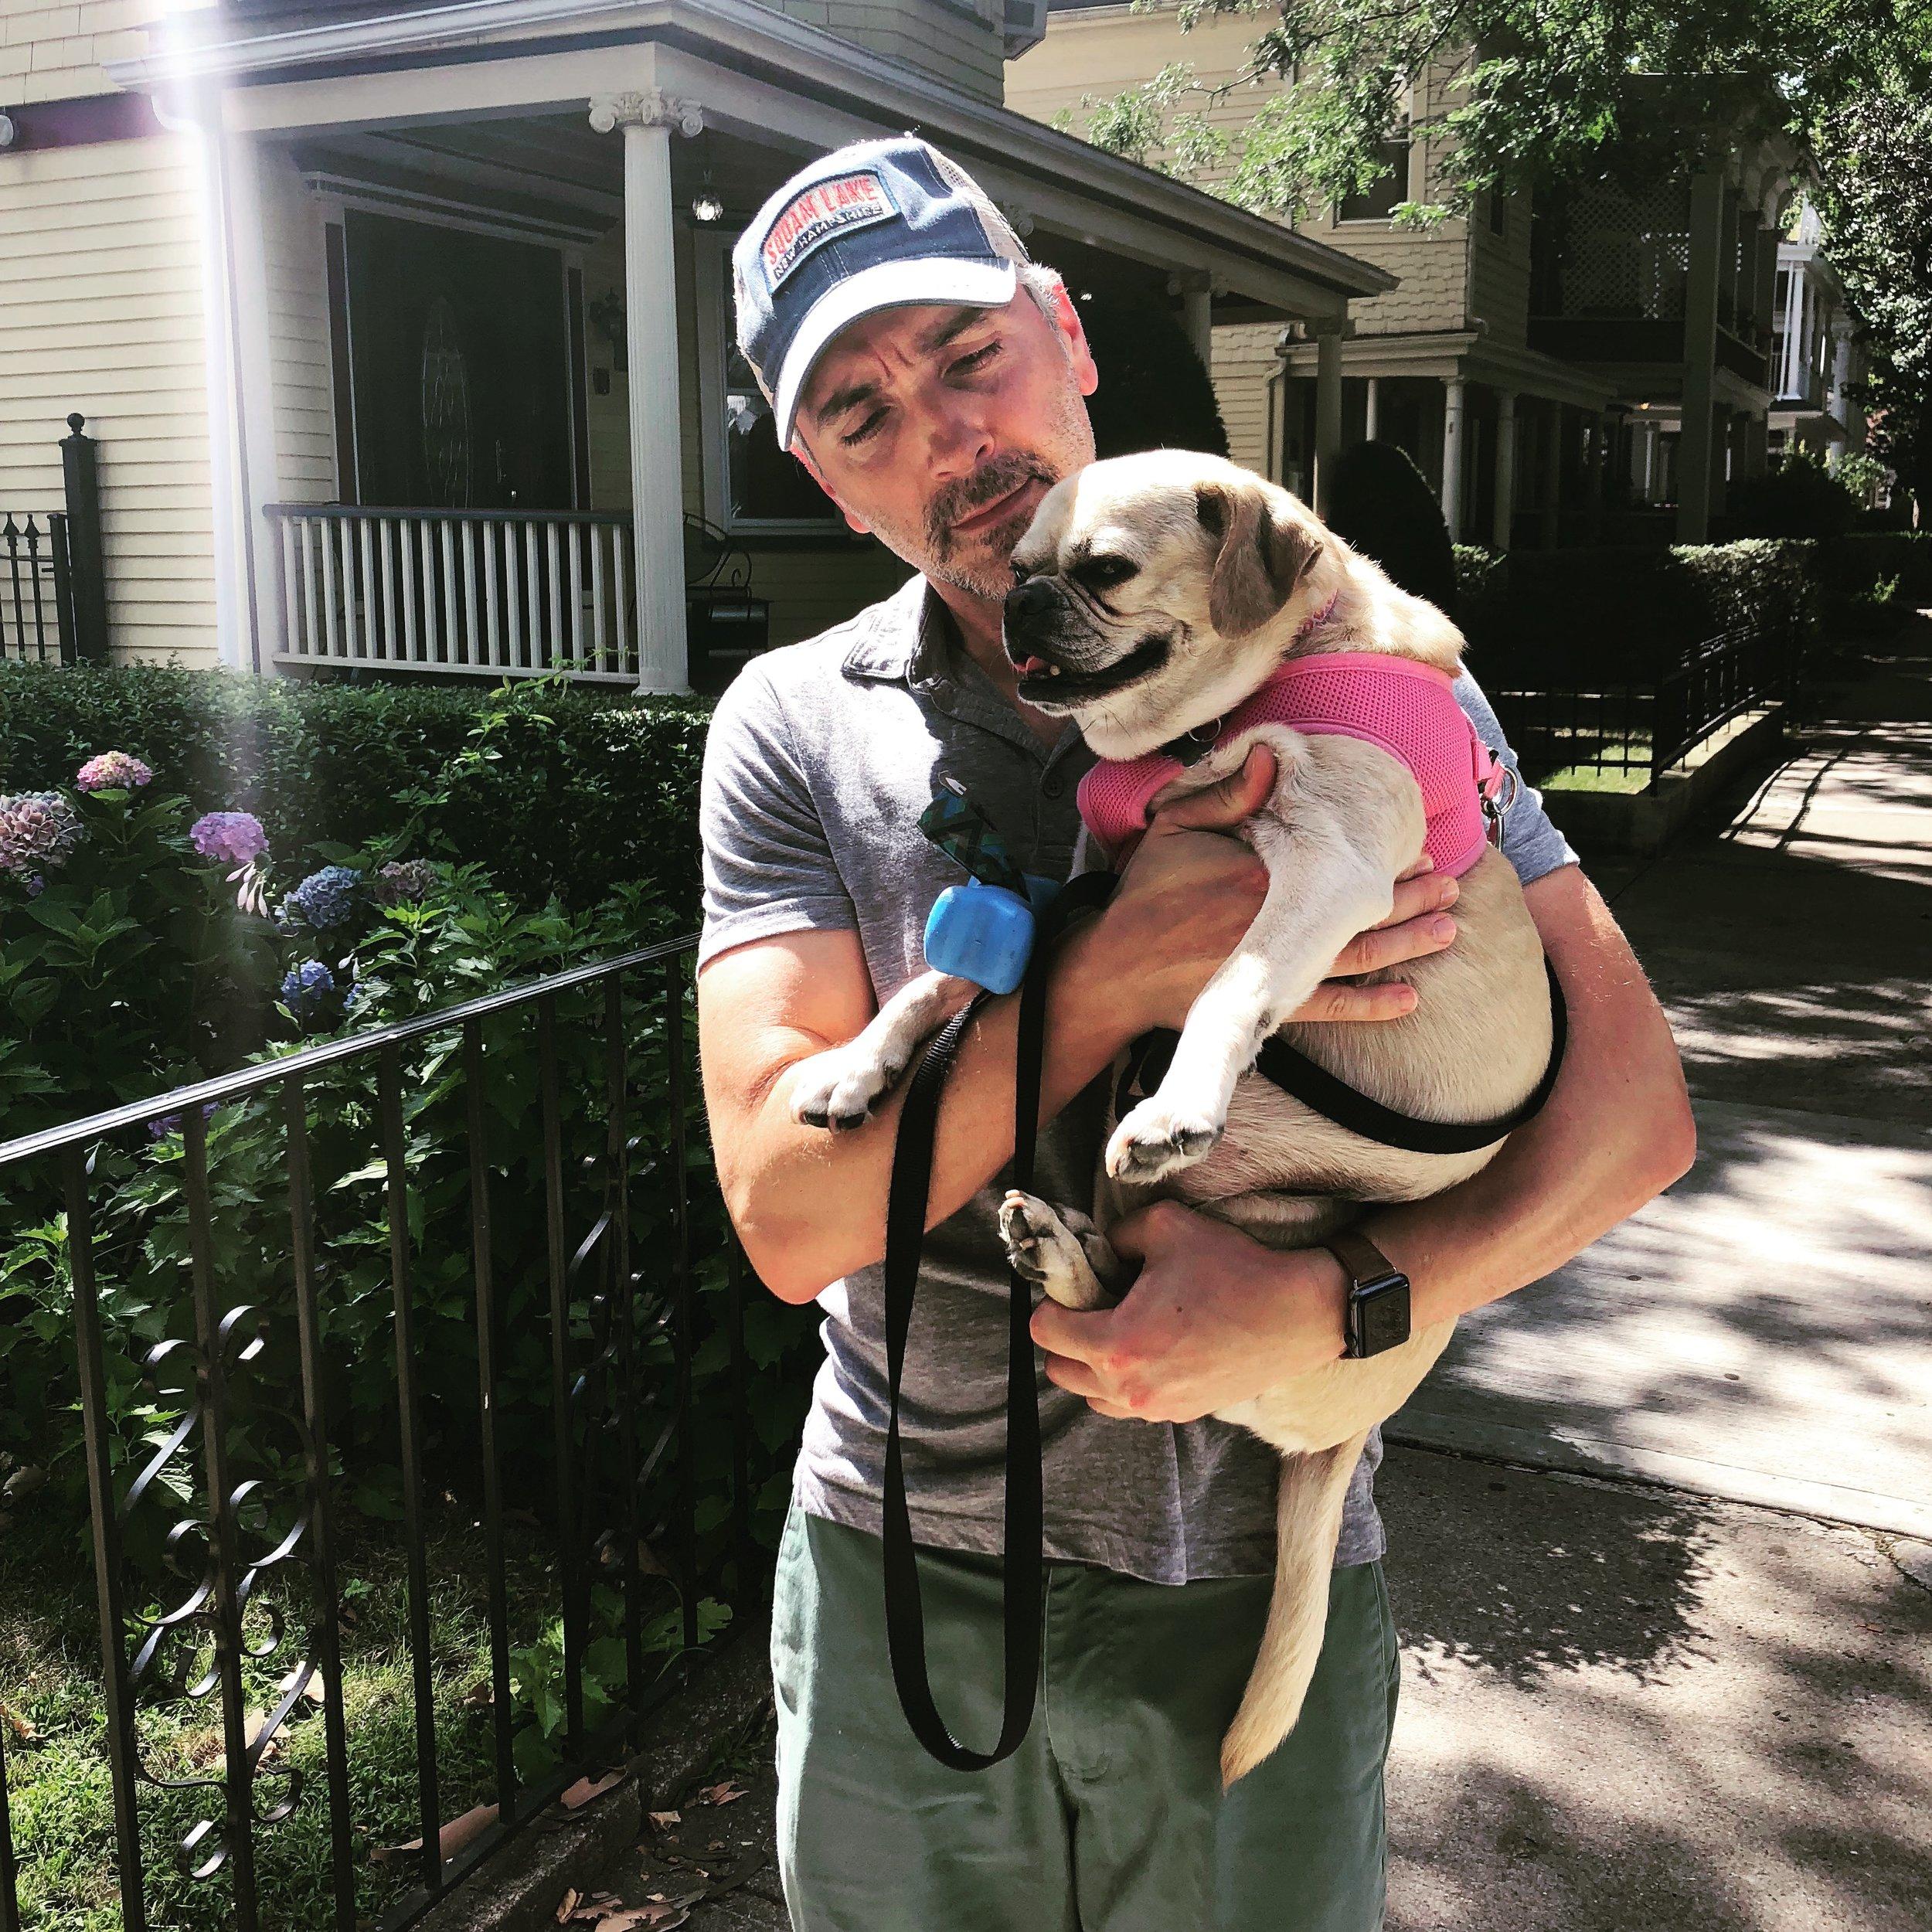 Sometimes that Neighborhood Walk is just a liiiiiittle too long for a Puggle (Brooklyn 7/2008)